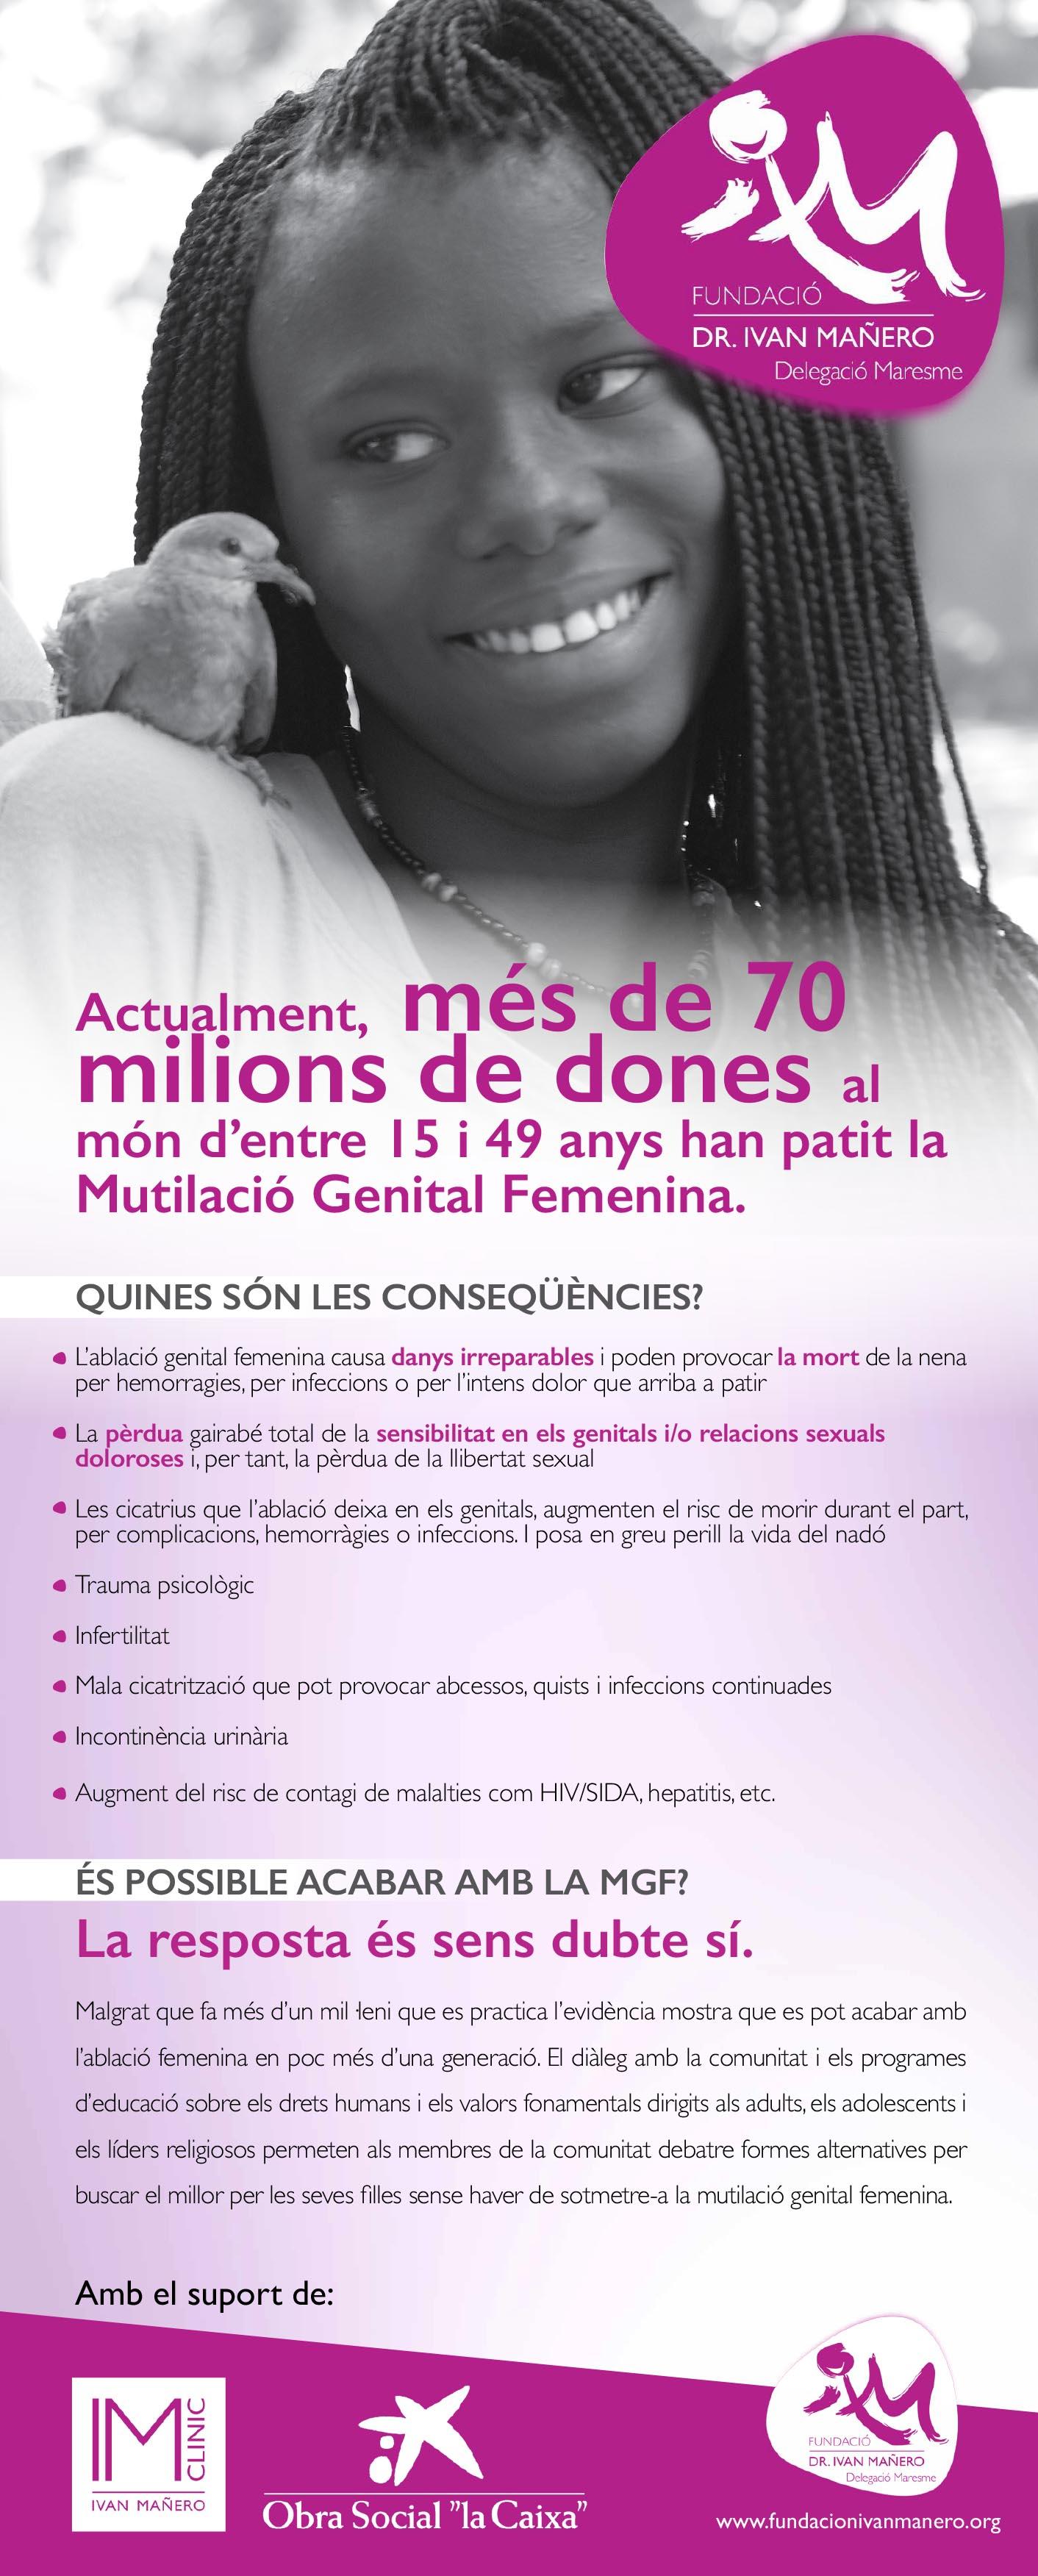 Exposición: Lucha contra la Mutilación Genital Femenina